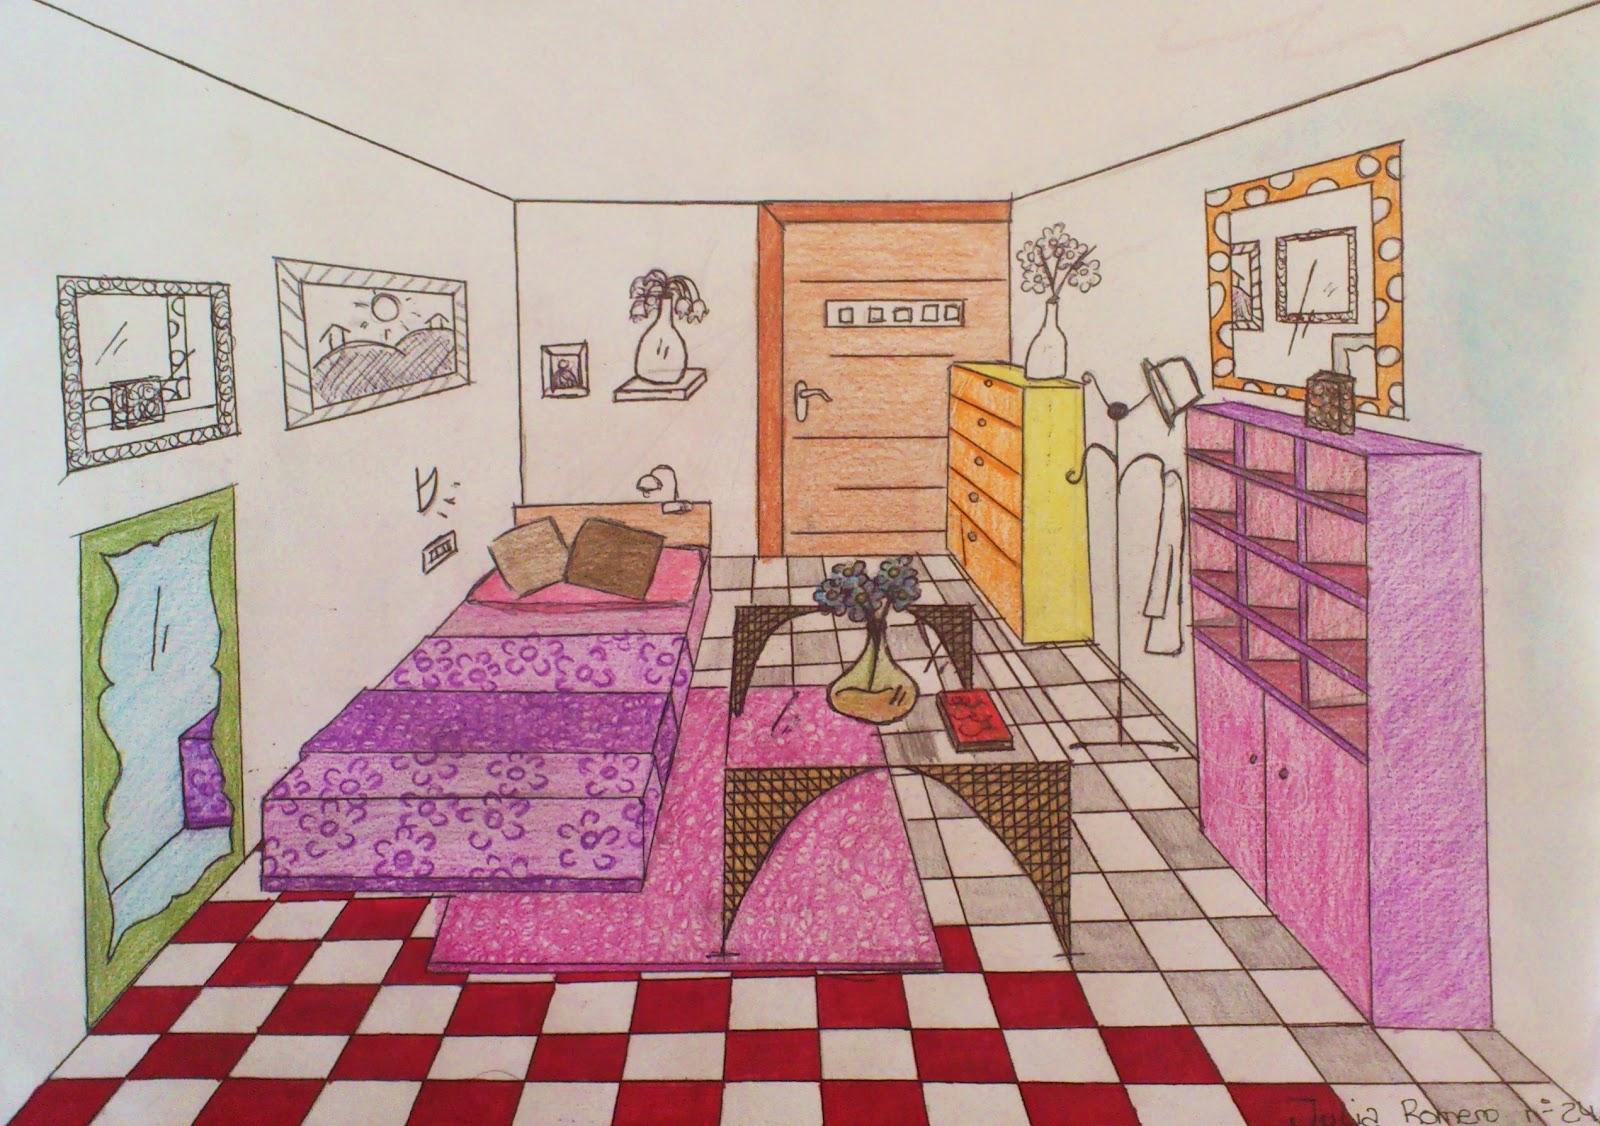 Qu arte quillo dise os de habitaciones en perspectiva c nica frontal 1 eso - Habitacion en perspectiva conica ...